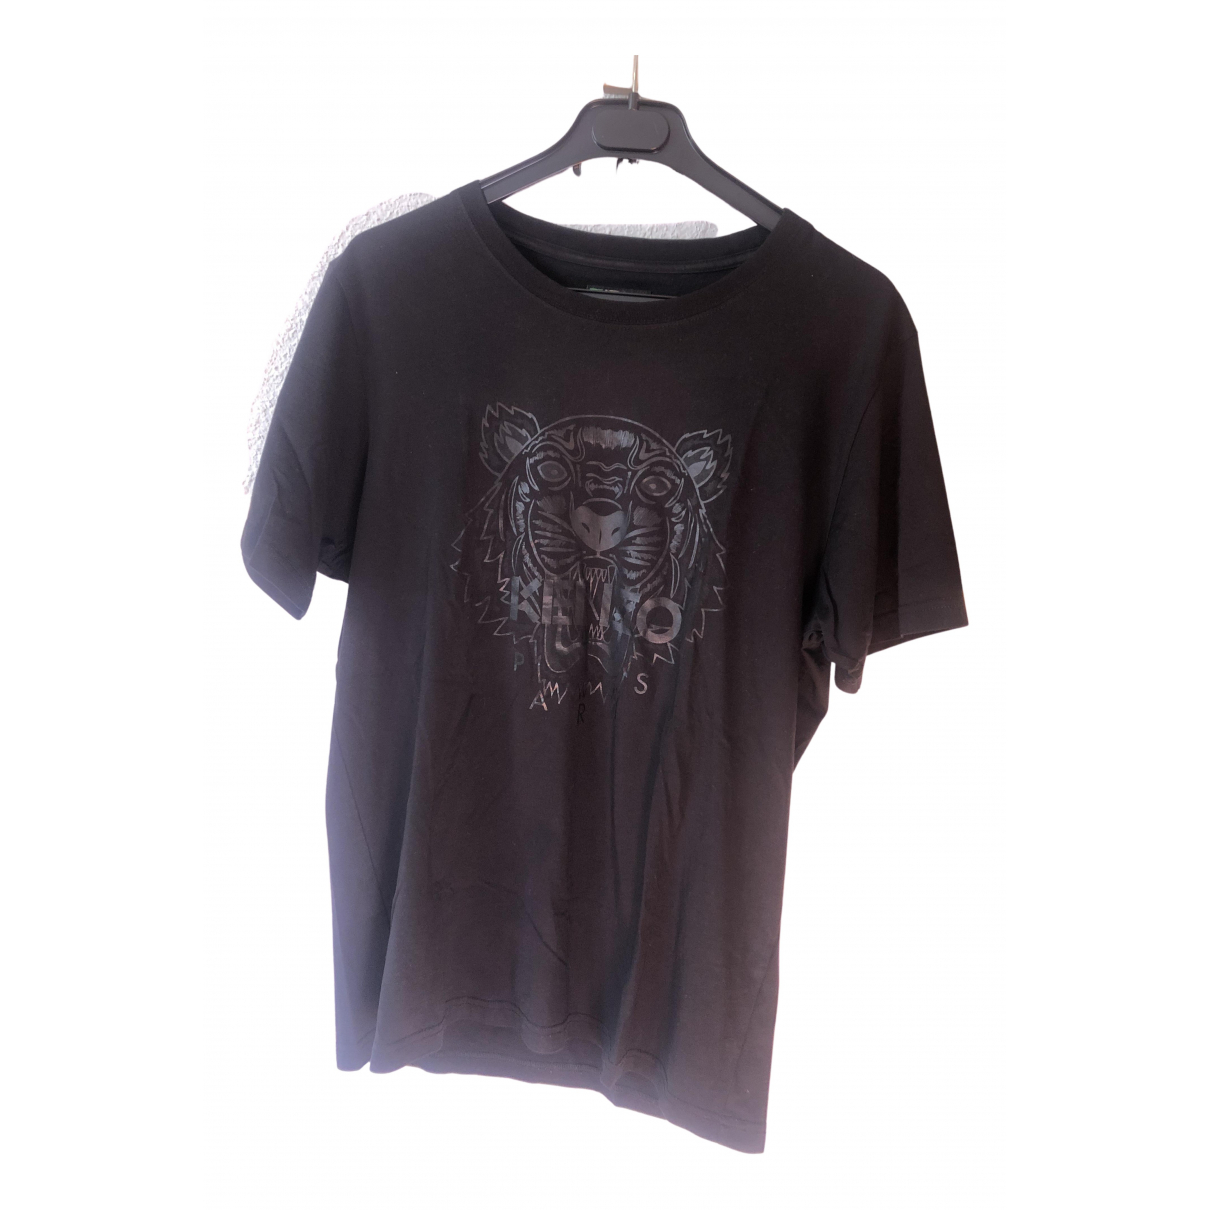 Kenzo - Tee shirts   pour homme en coton - noir